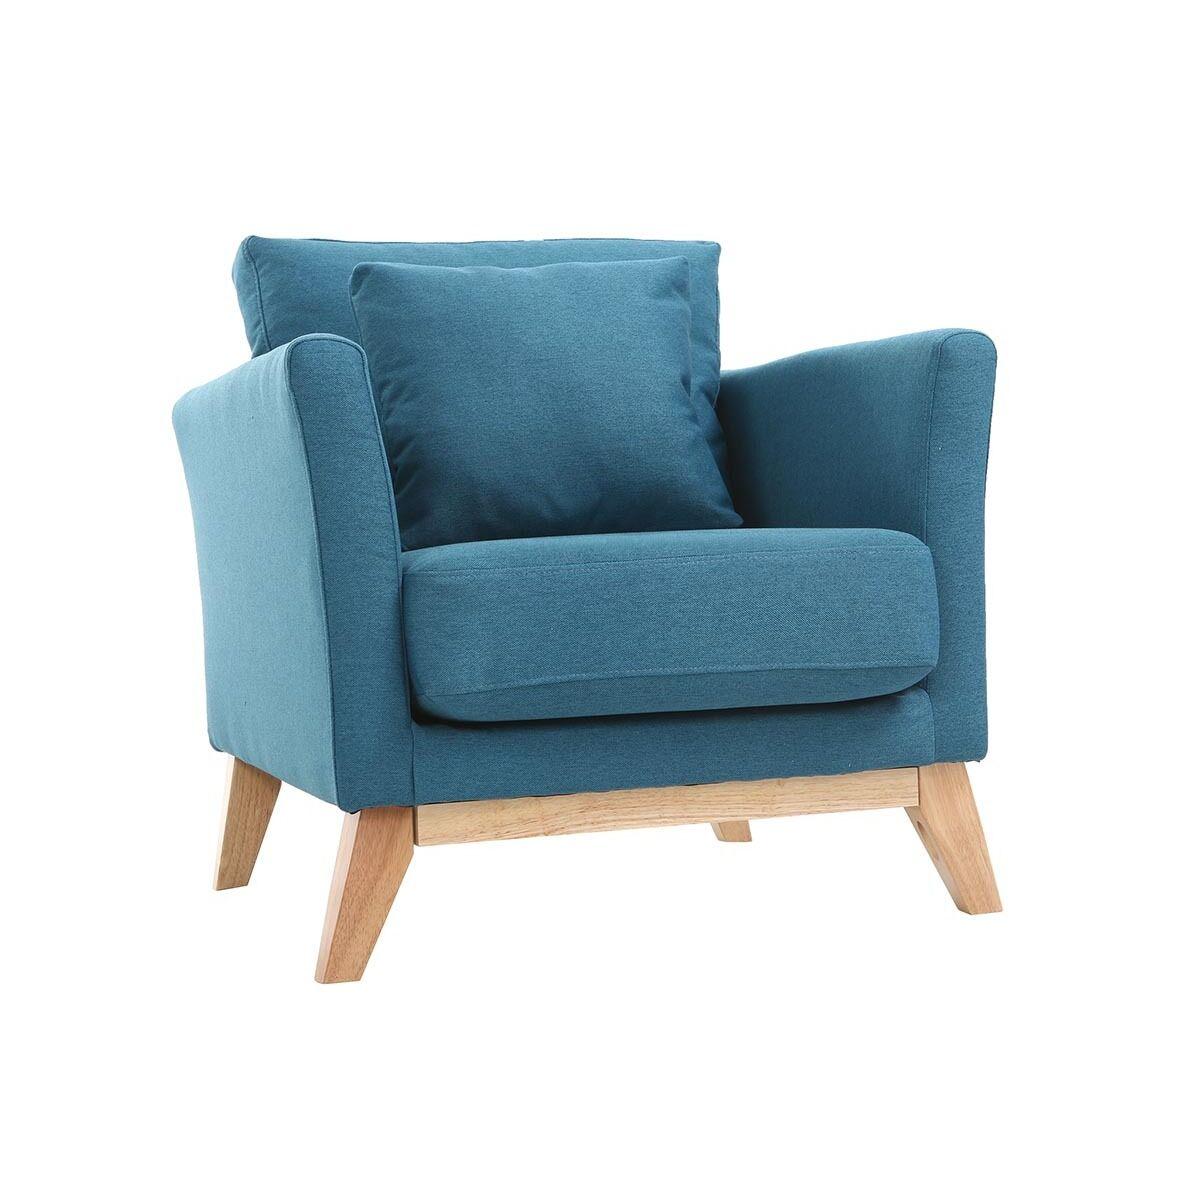 Miliboo Fauteuil scandinave déhoussable bleu canard et bois clair OSLO